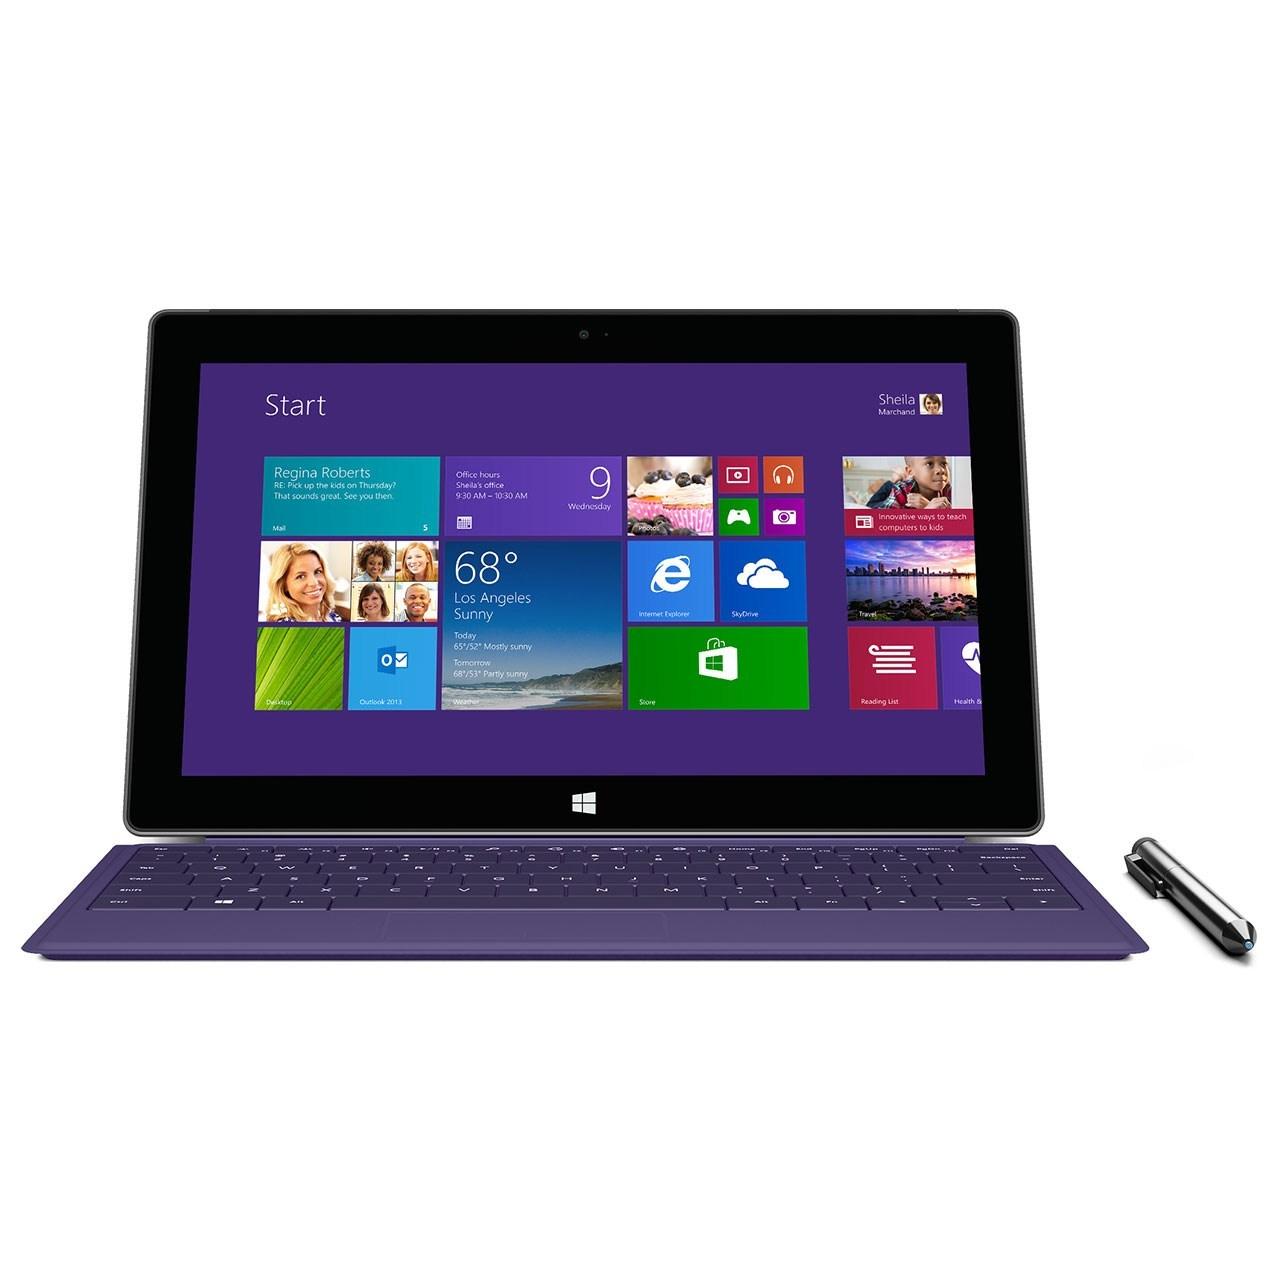 تبلت مایکروسافت مدل Surface Pro 2 به همراه کیبورد ظرفیت 256 گیگابایت